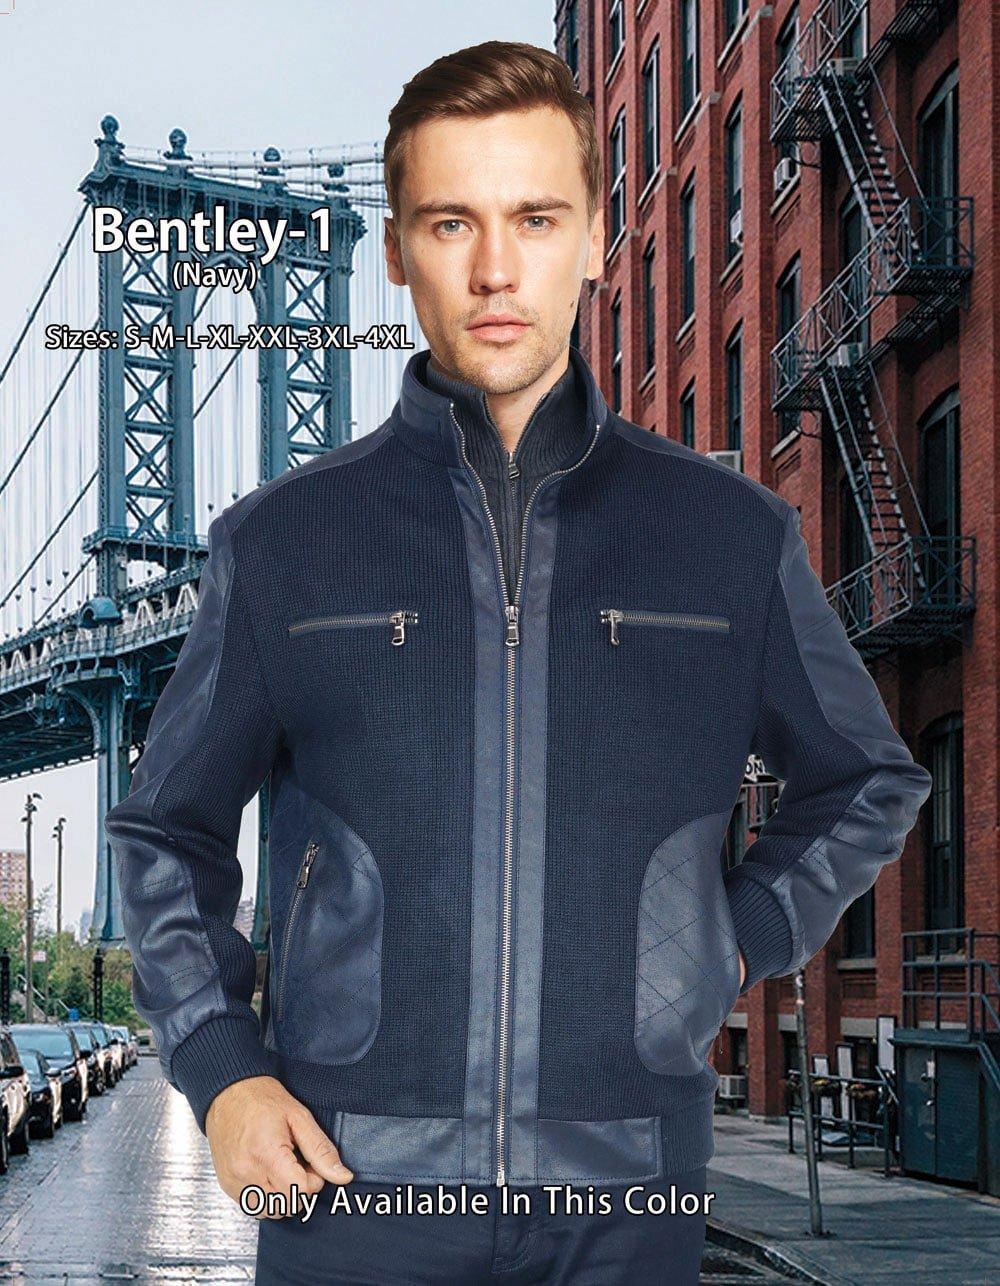 Bentley Navy